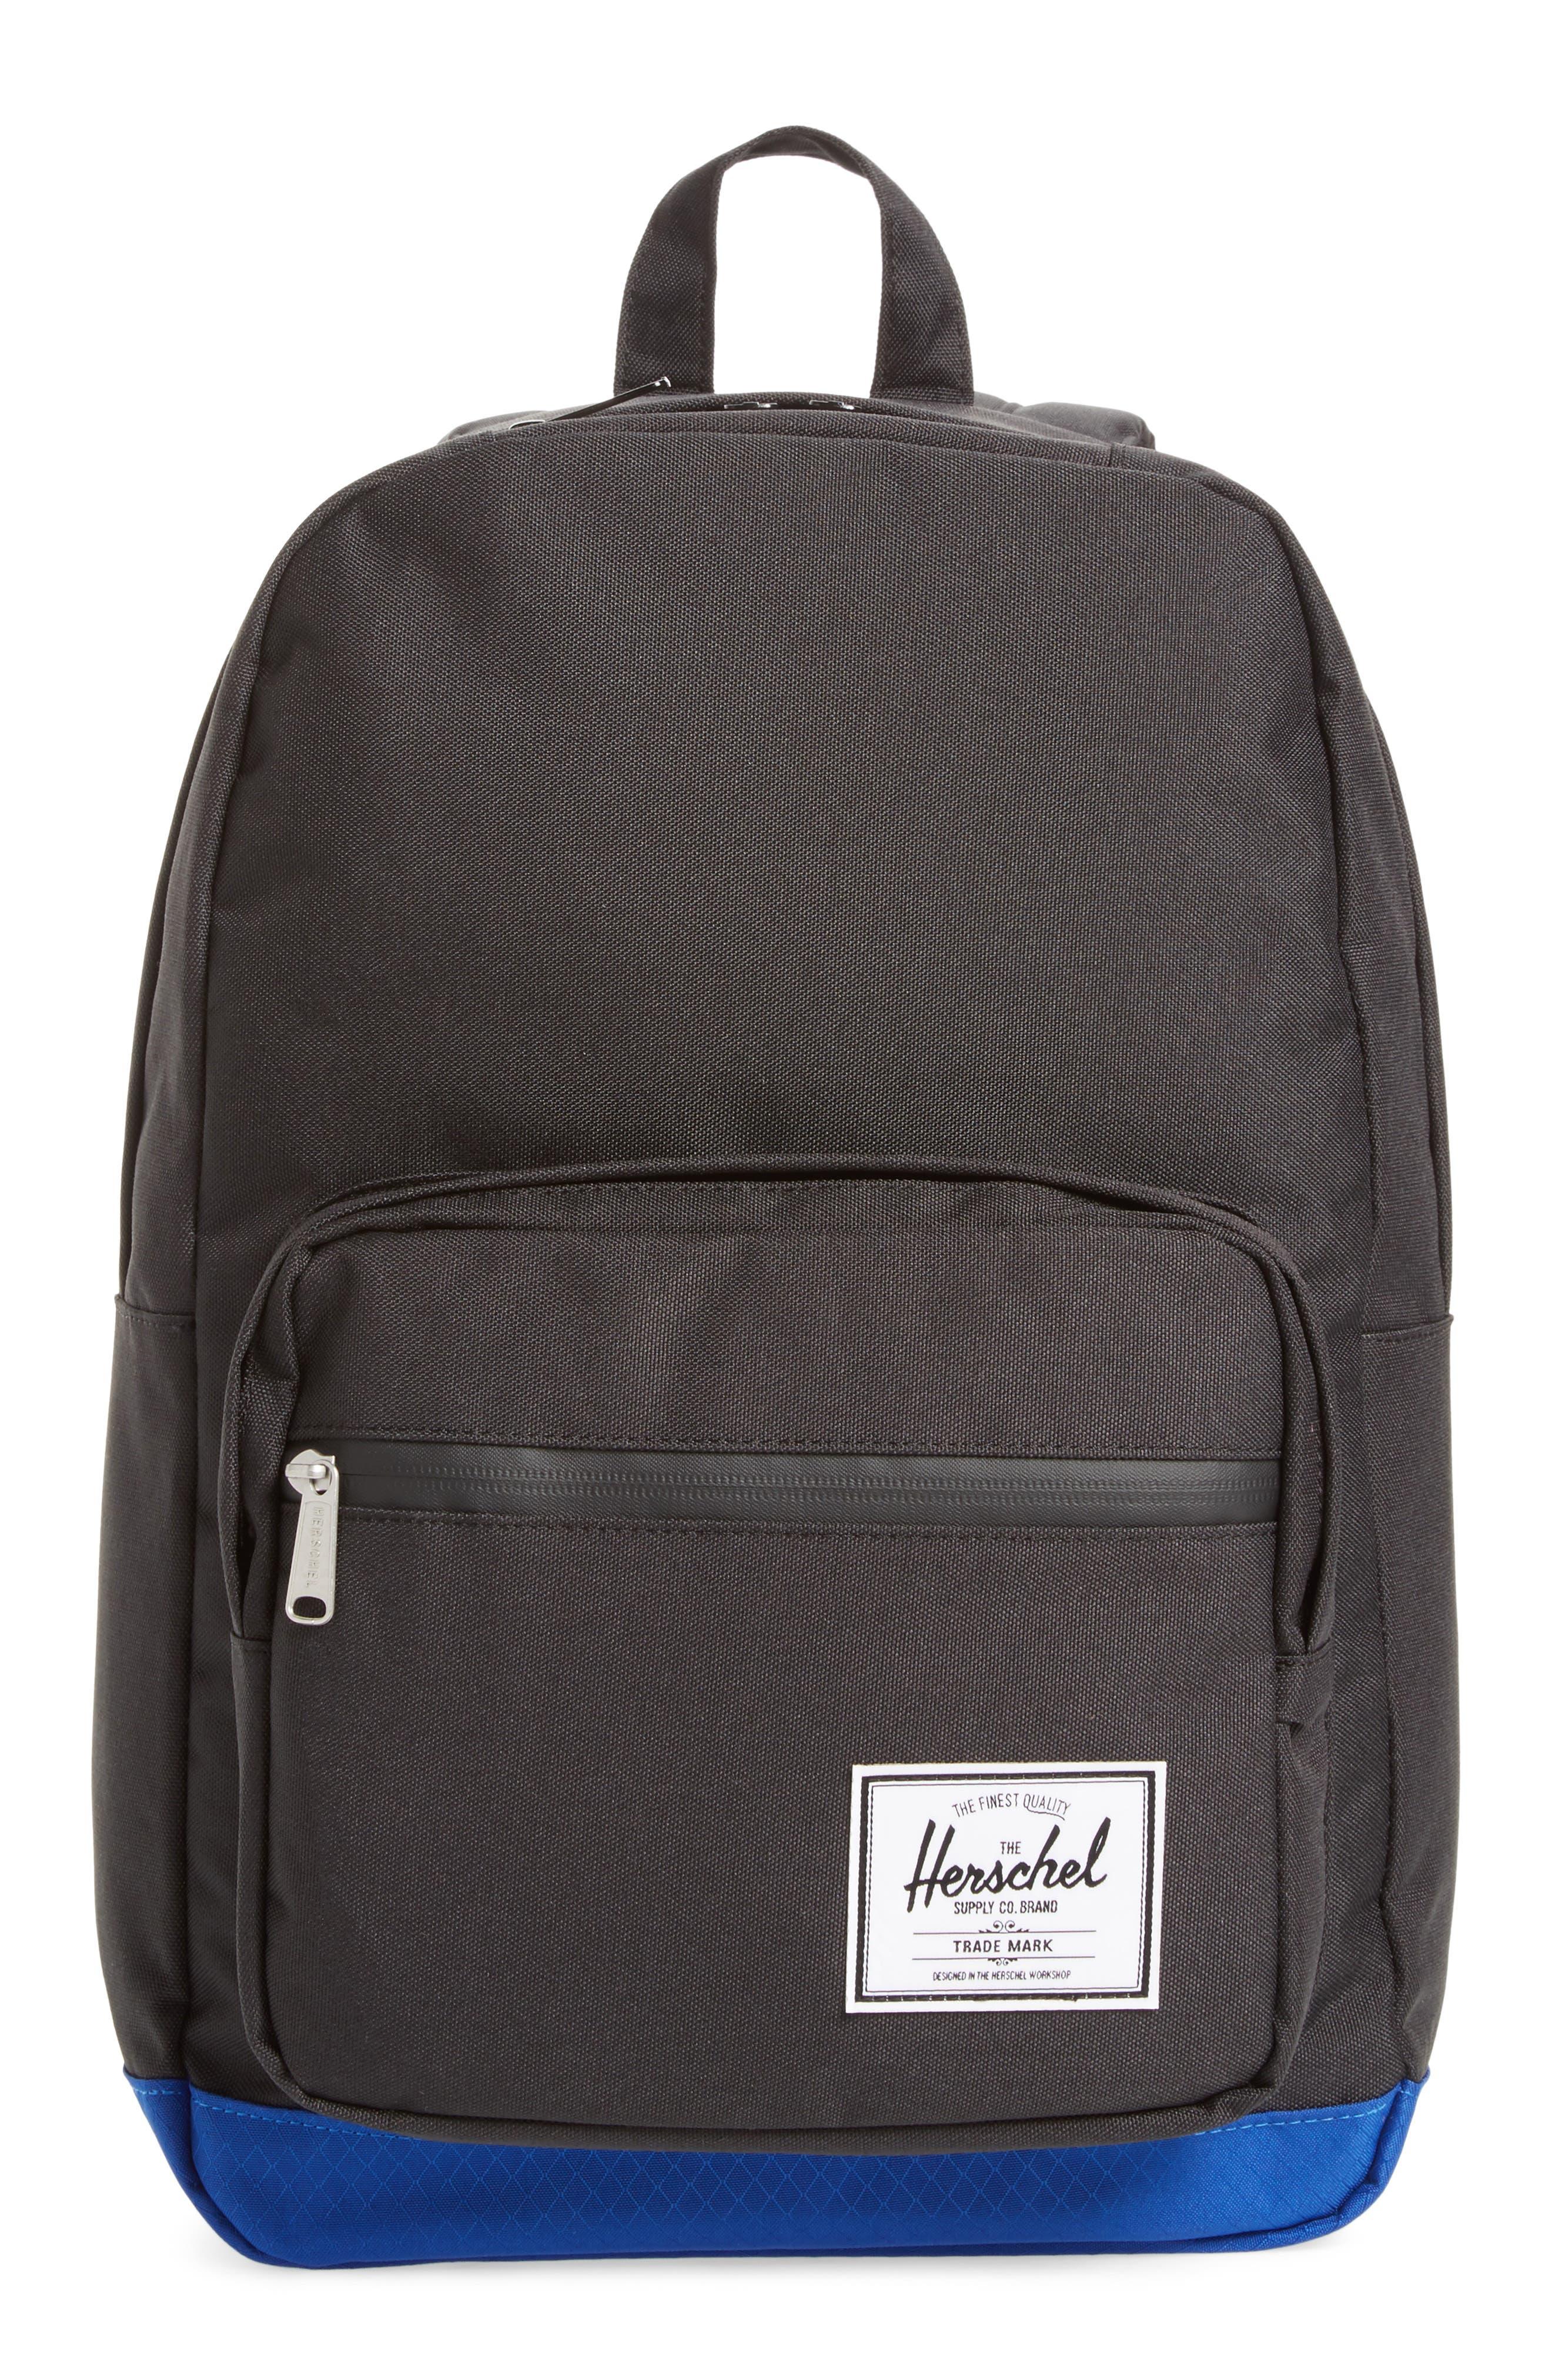 Alternate Image 1 Selected - Herschel Supply Co. Pop Quiz Backpack